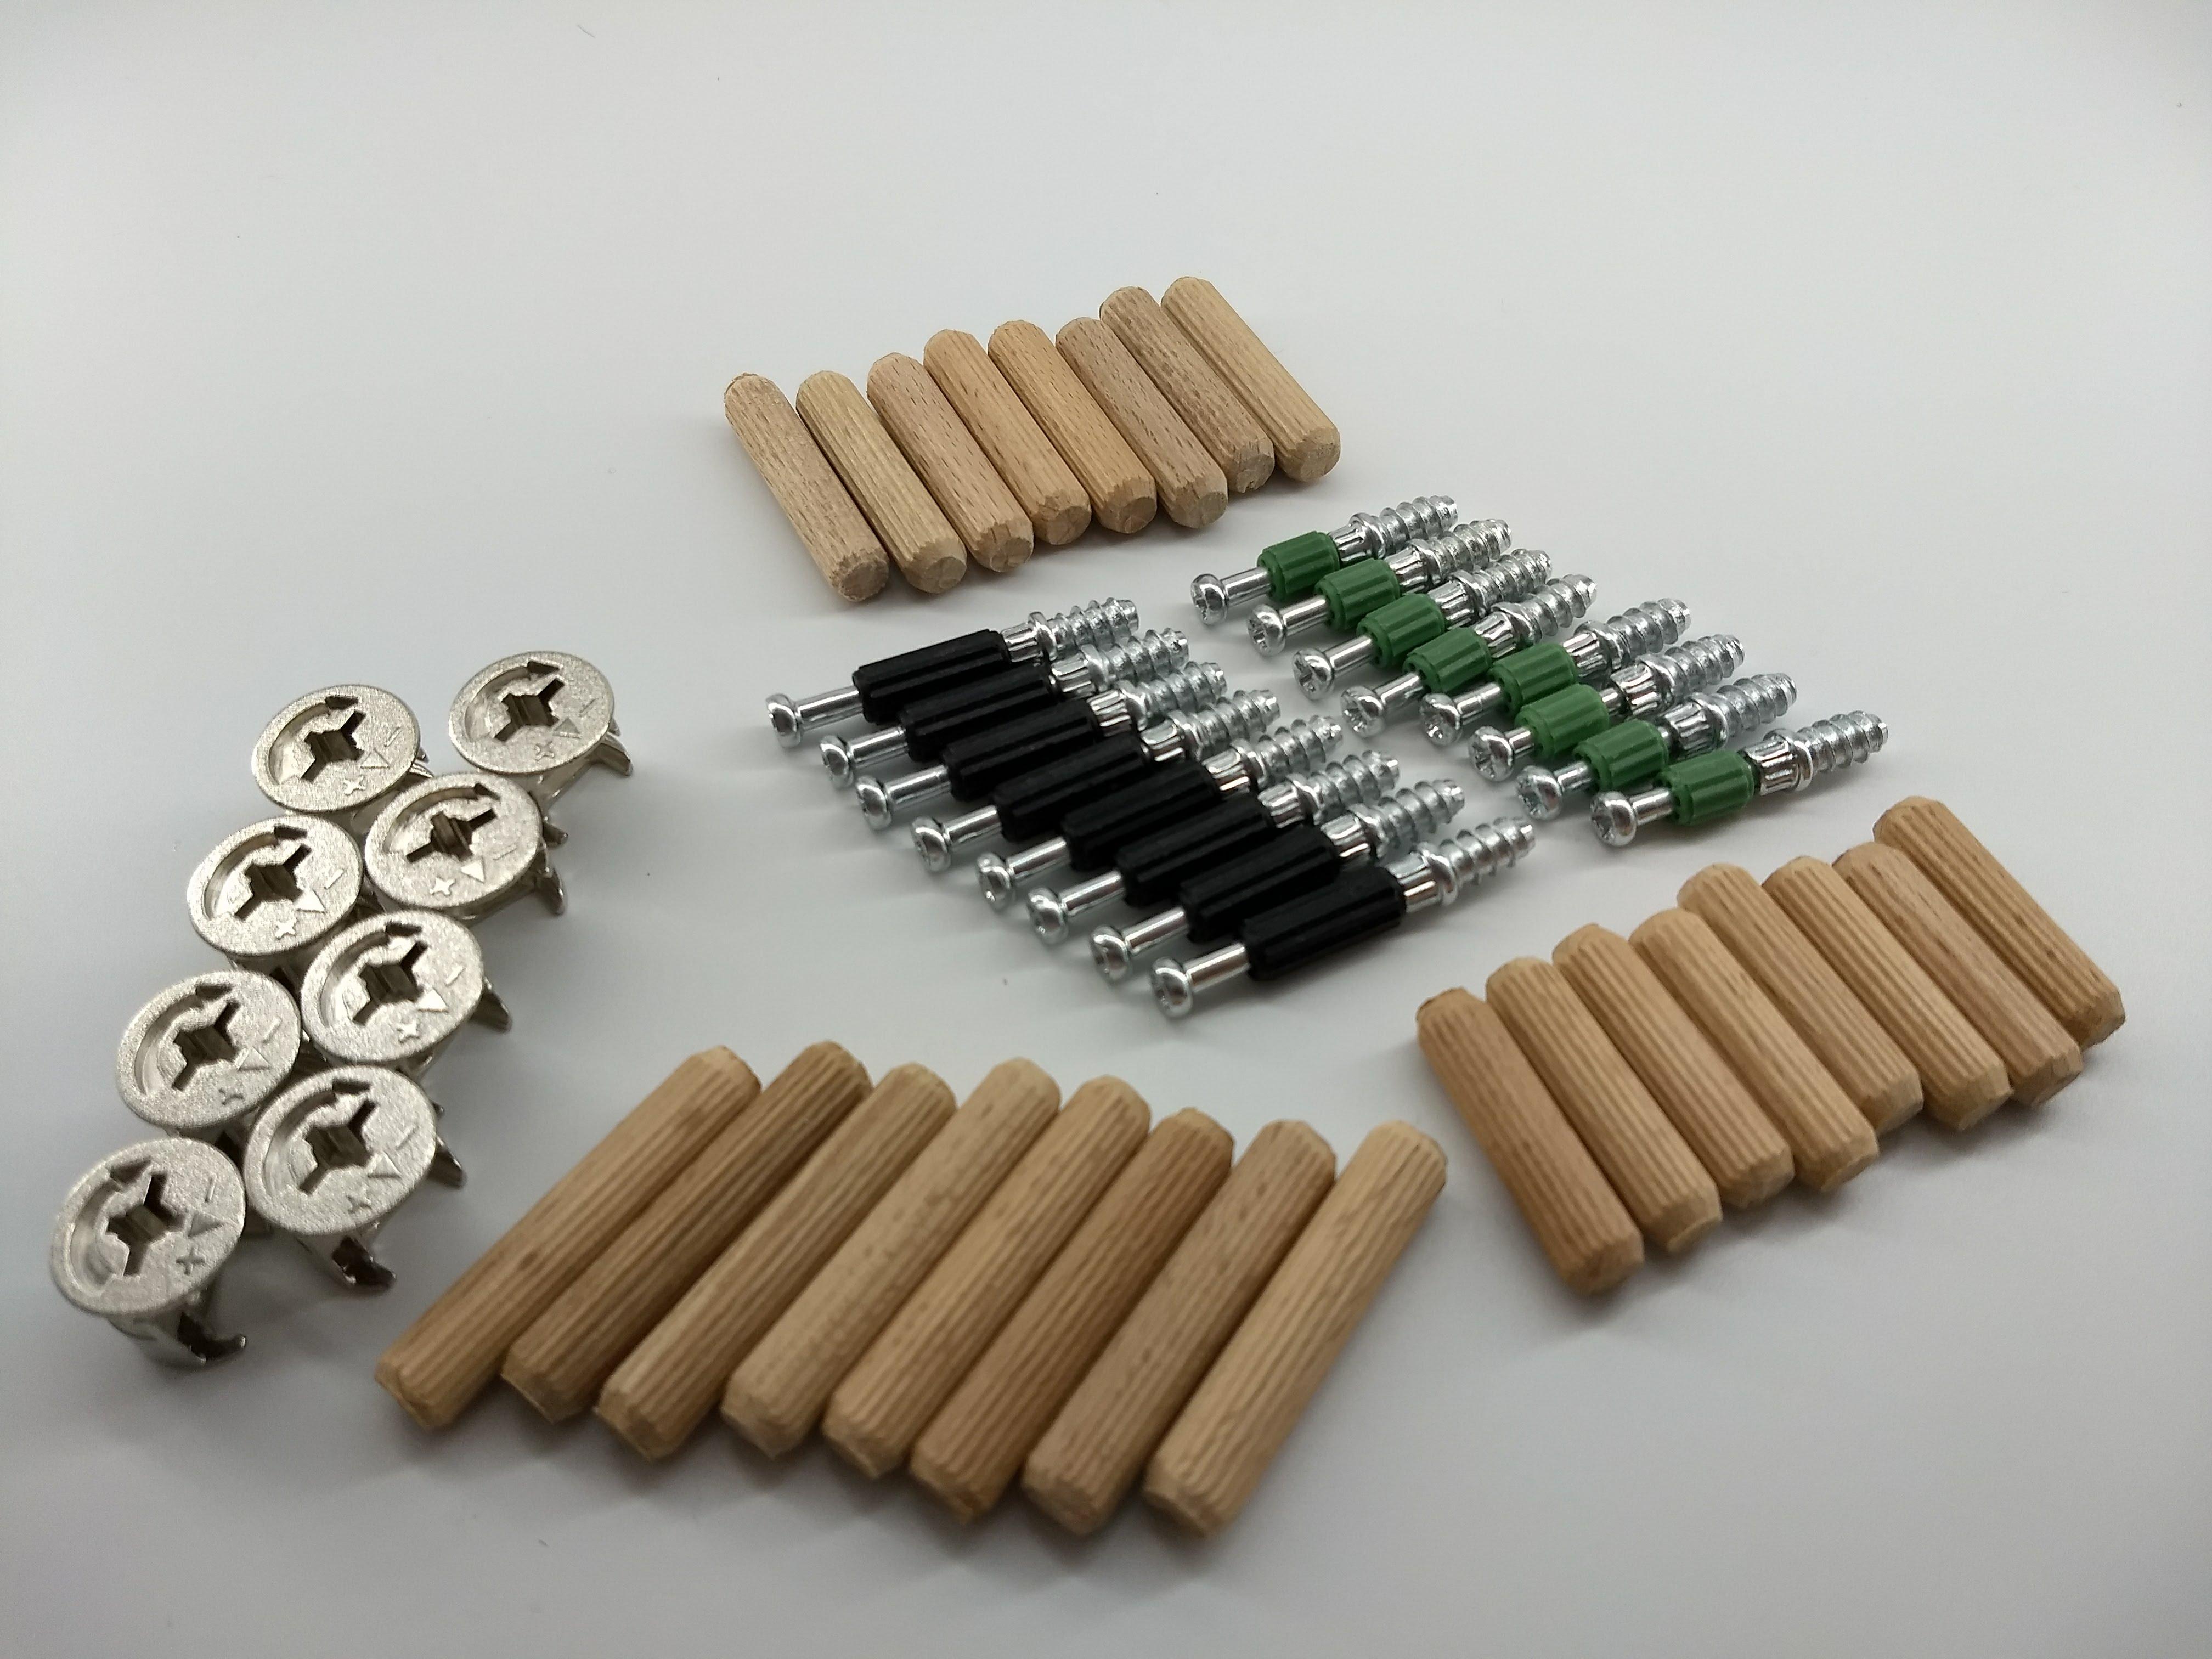 Schrank-Verbinder Möbel-Verbinder Set - Ersatzteilen, PROFESSIONELL